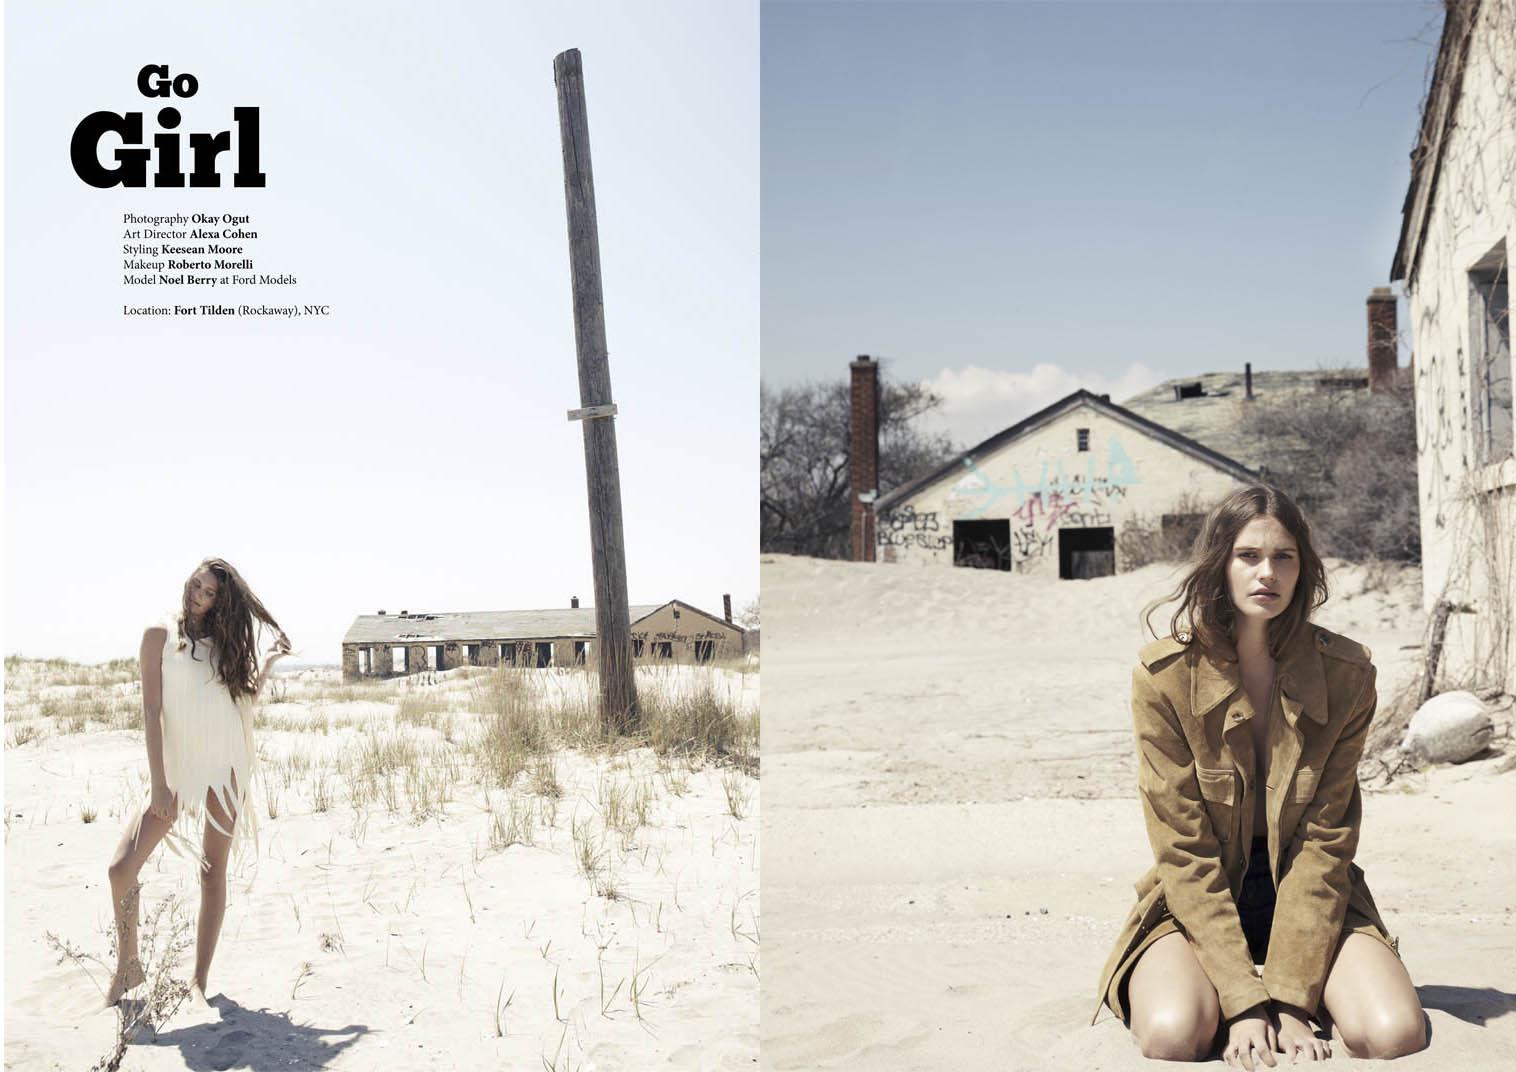 go girl kneeling in the sand Tear.jpg